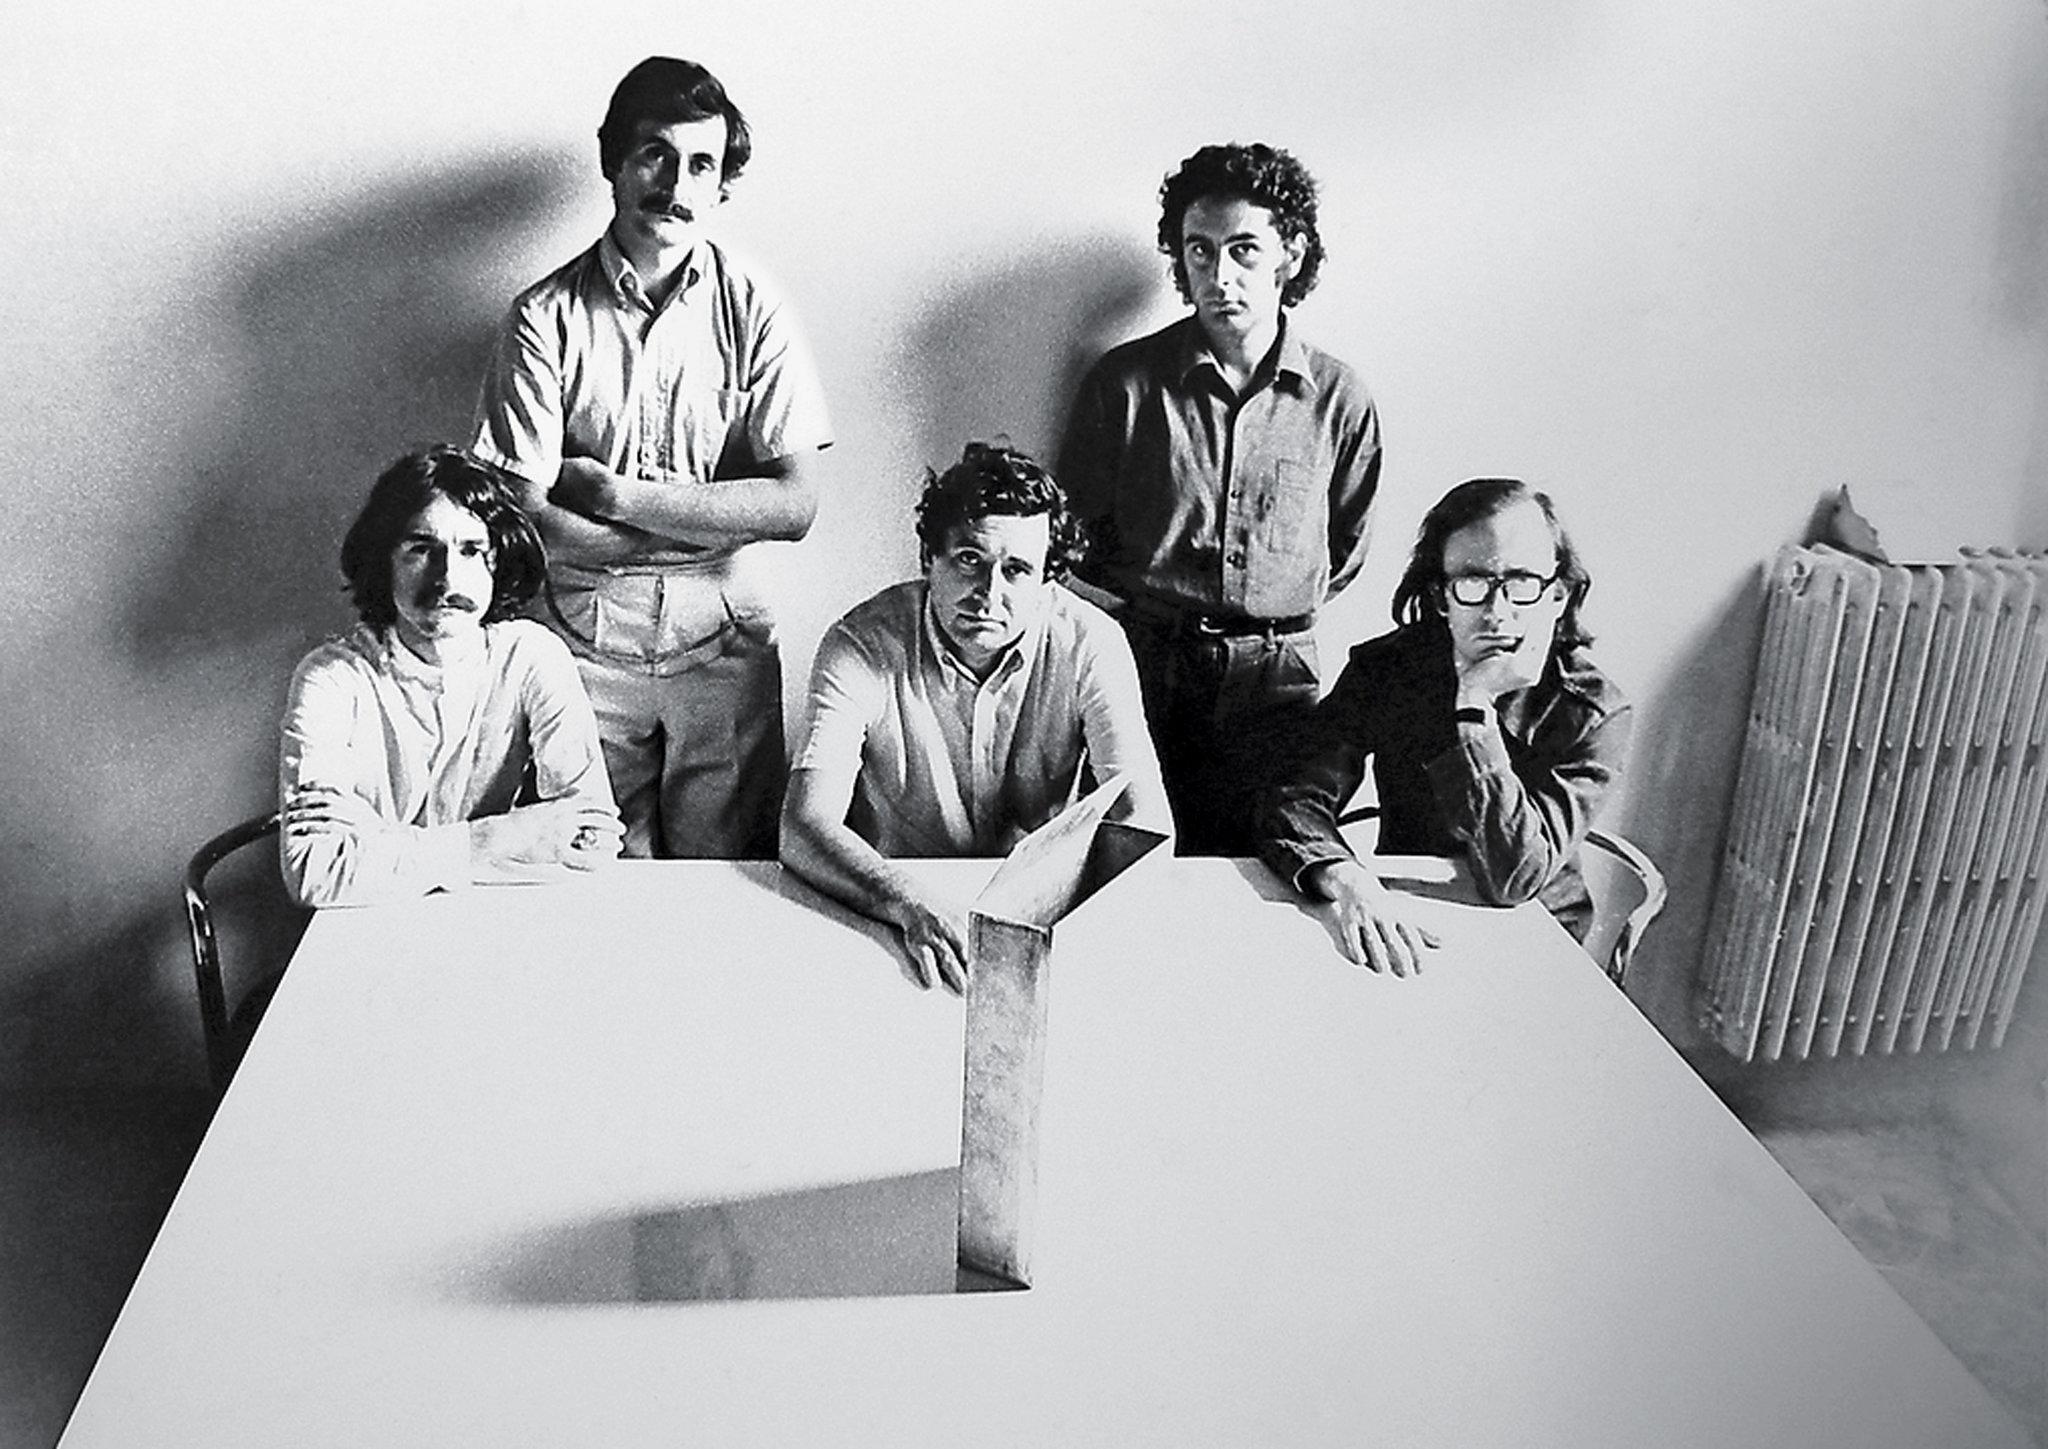 Группа Суперстудио - авторы антидизайна в архитектуре